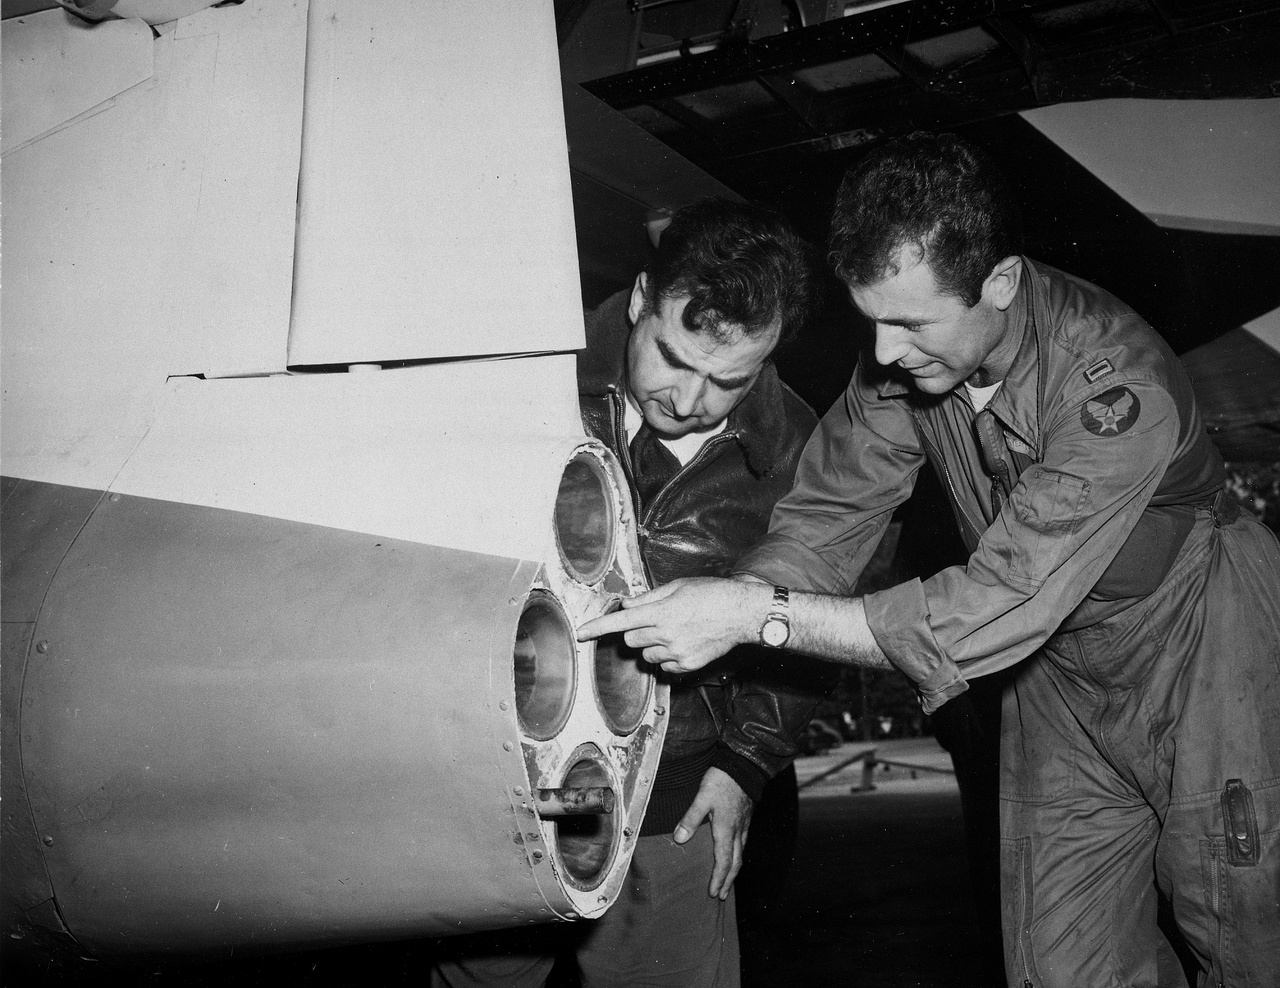 1950: Paul E. Garber a Smithsonian Intézet kurátora (balra) és Chuck Yeager a Glamorous Glennis hajtóművét vizsgálják, mielőtt a repülőgép a Smithsonian repülési múzeumába kerül.